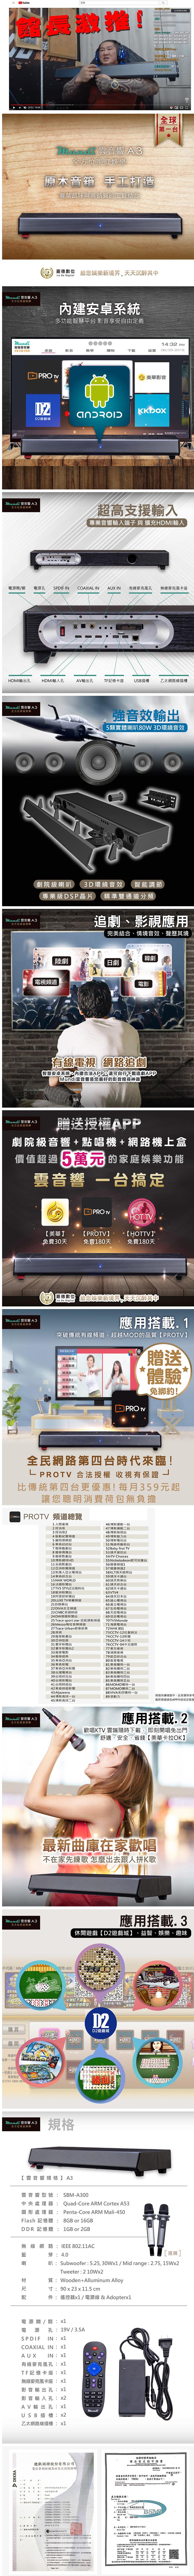 【Mundi】全方位家庭娛樂智慧雲音響A3 旗艦版  - PChome 24h購物